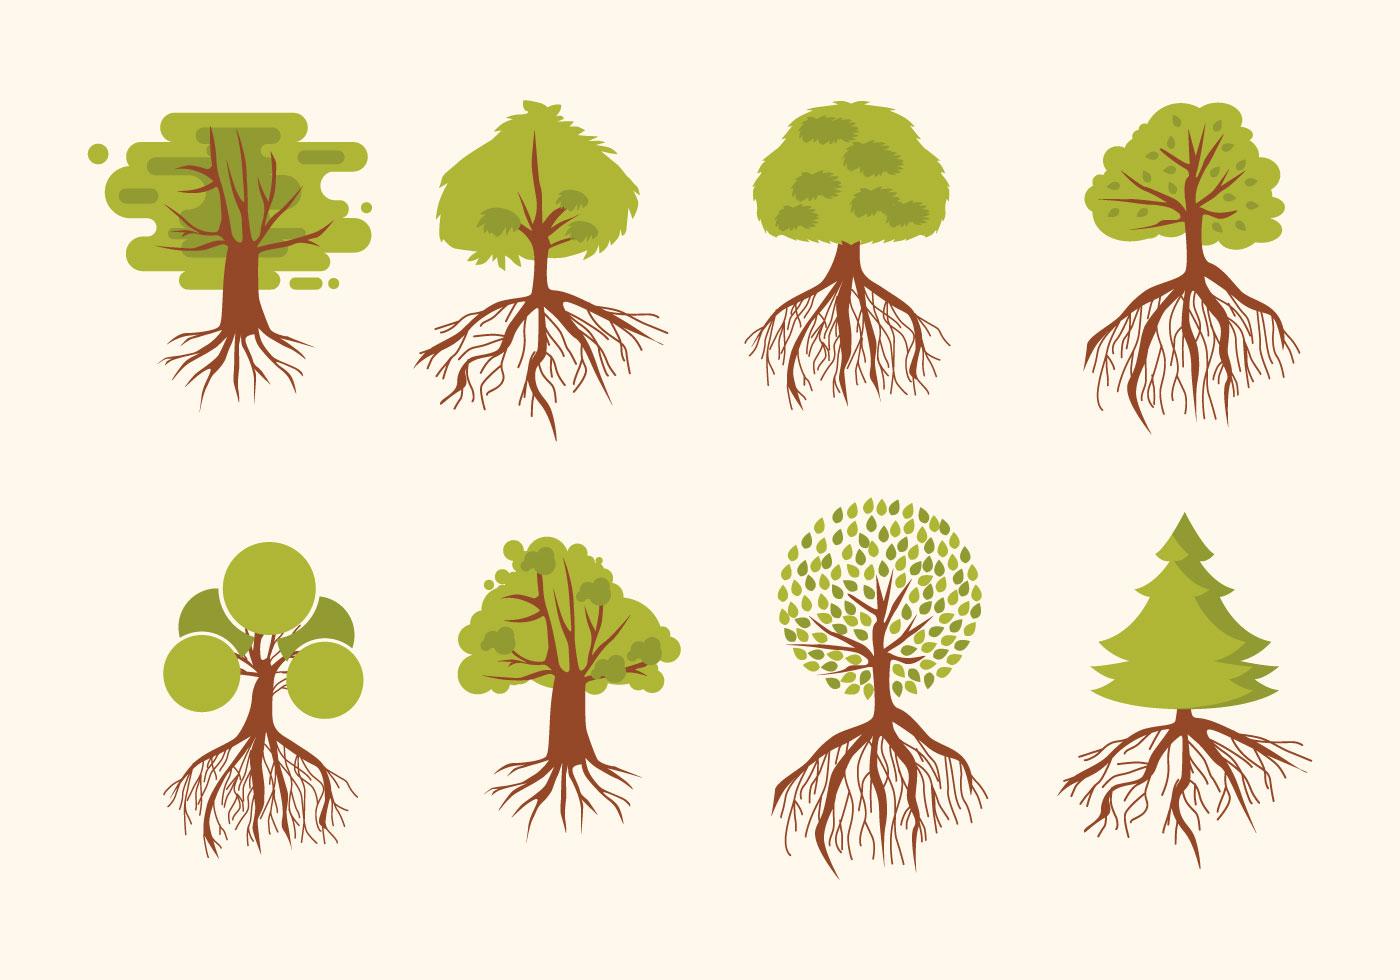 Картинки кусты с корнями